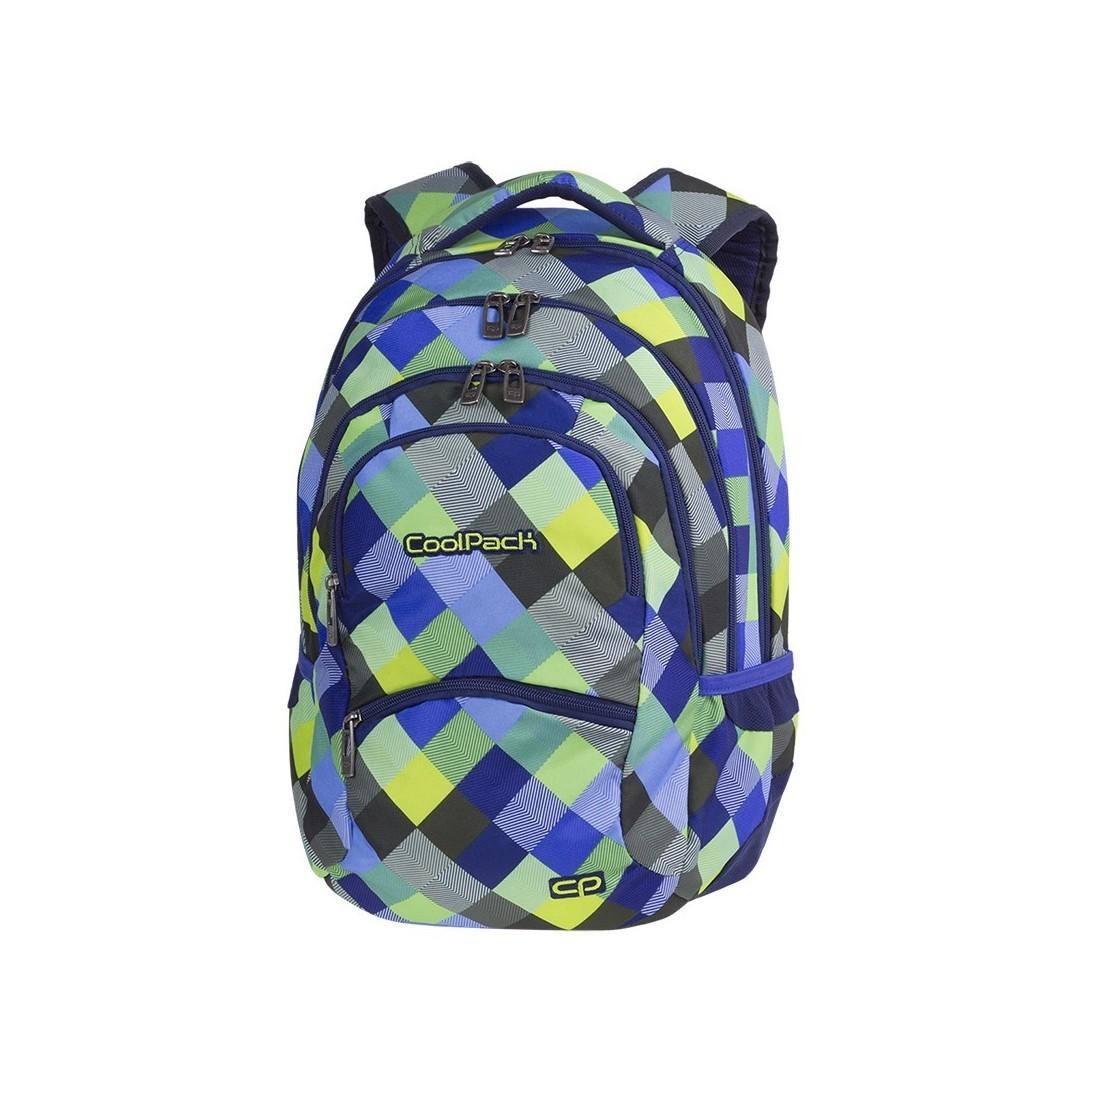 8e333889f4165 Plecak w kolorową kratę: niebieski, zielony, szary, żółty dla chłopaka CoolPack  CP